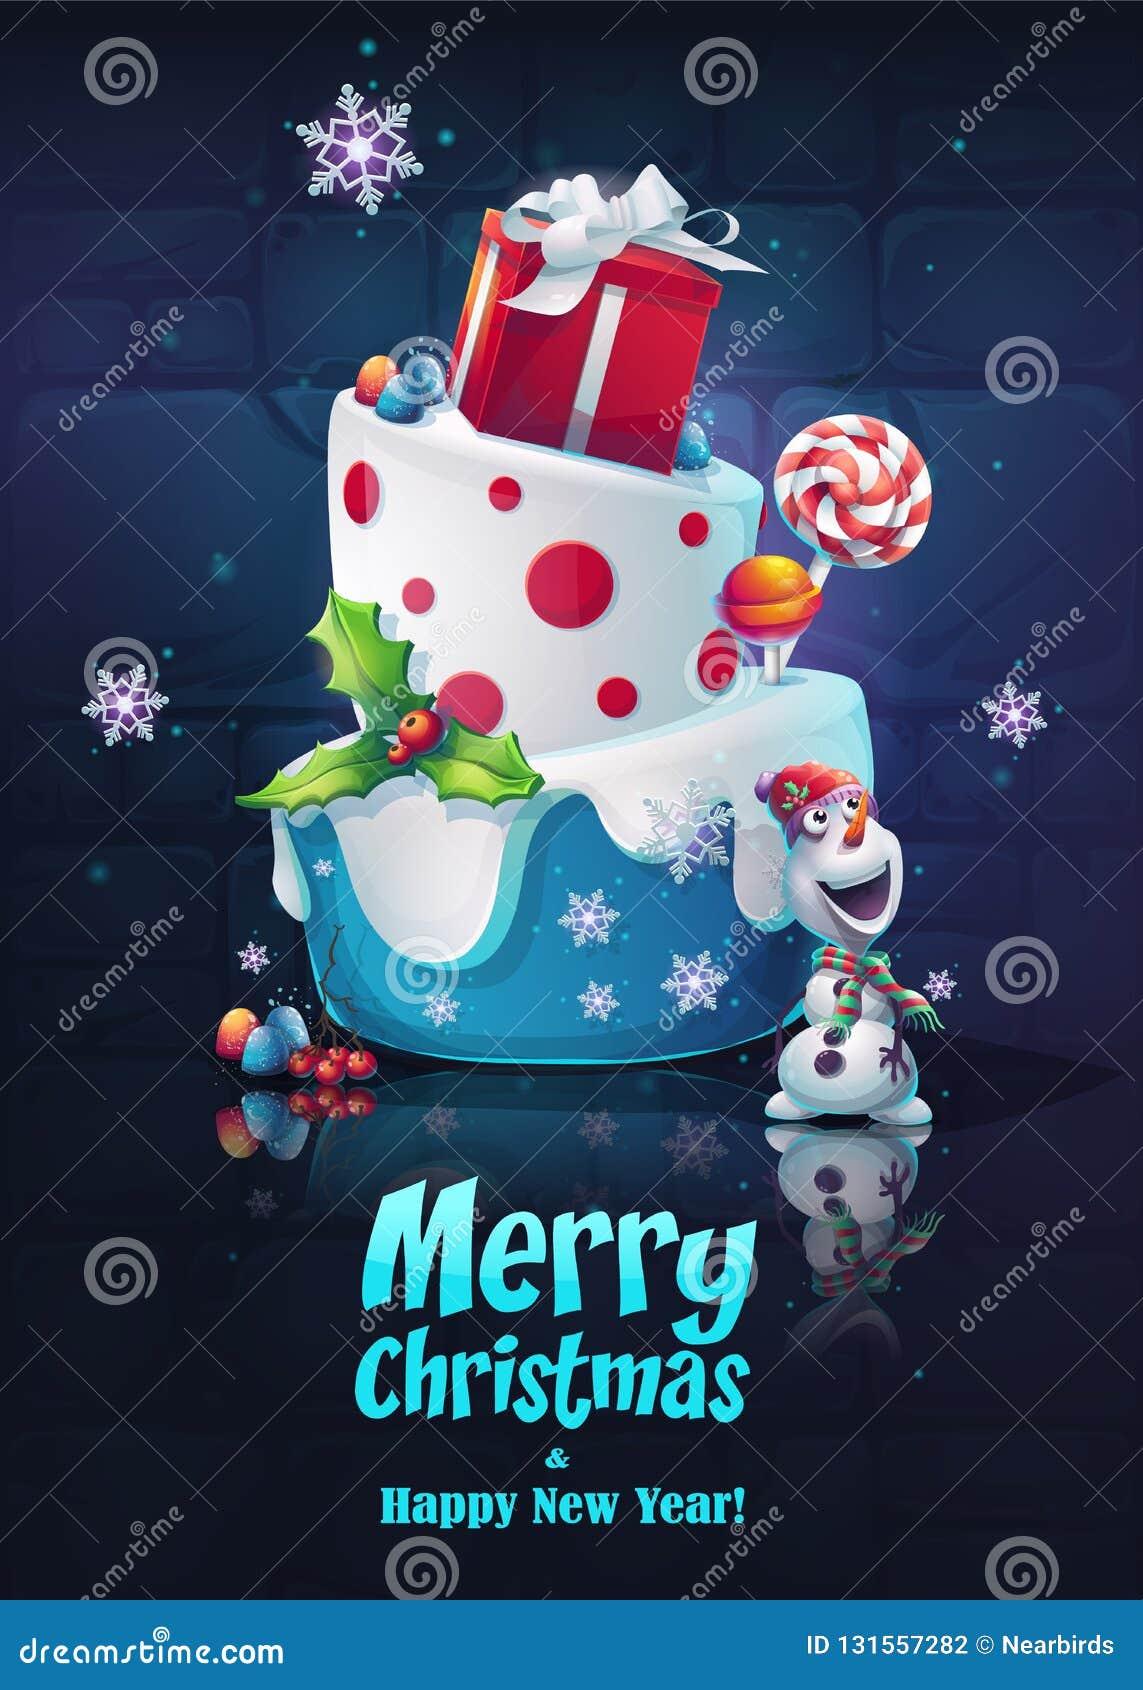 Sistema Festivo Feliz Ano Nuevo Imagen Brillante Para Crear Los